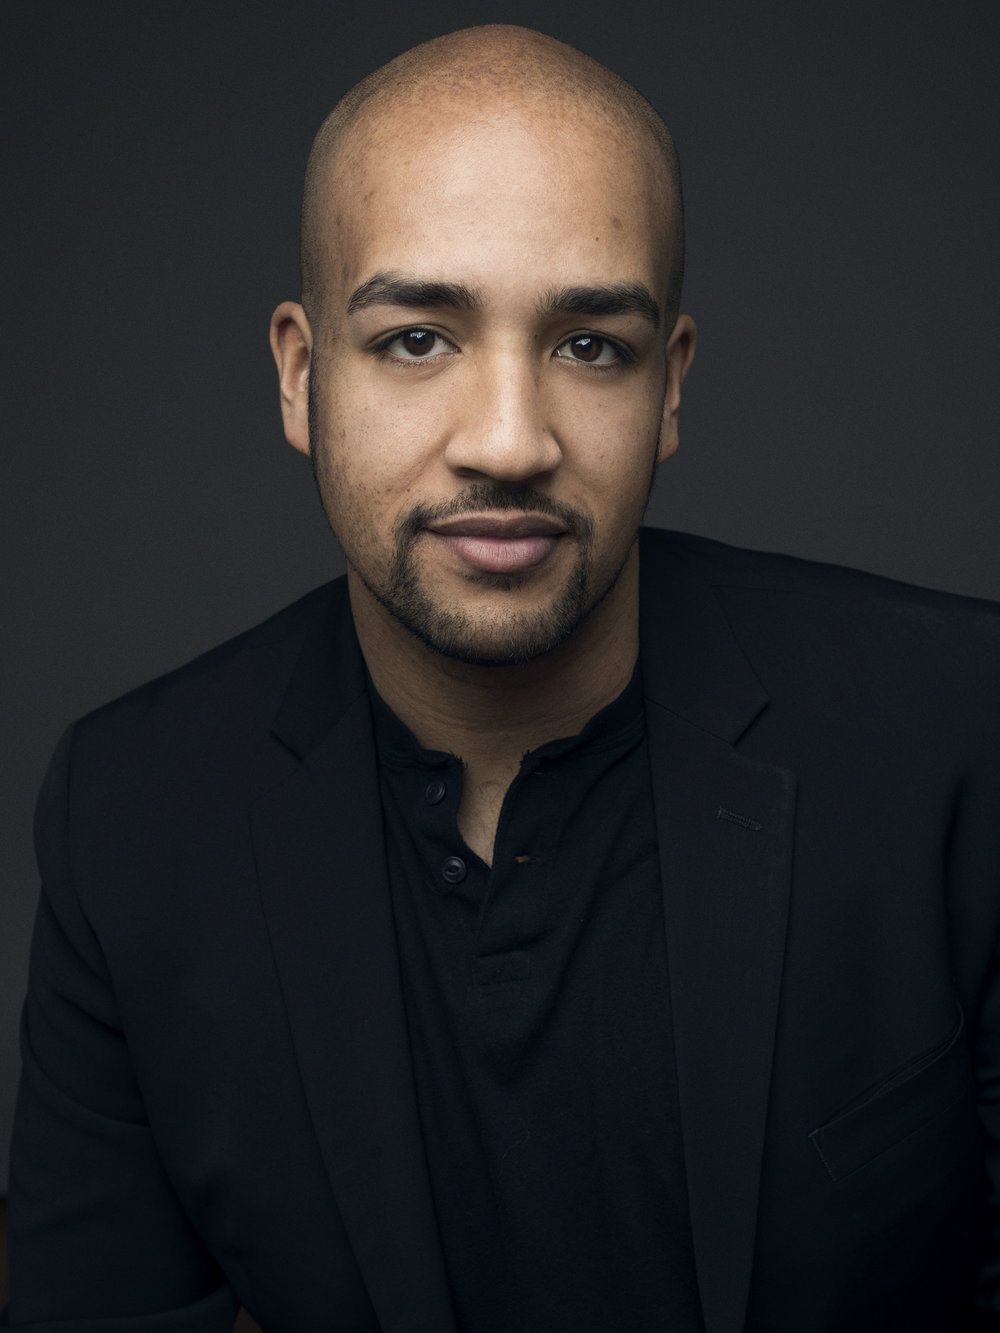 Brandon Michael Nase